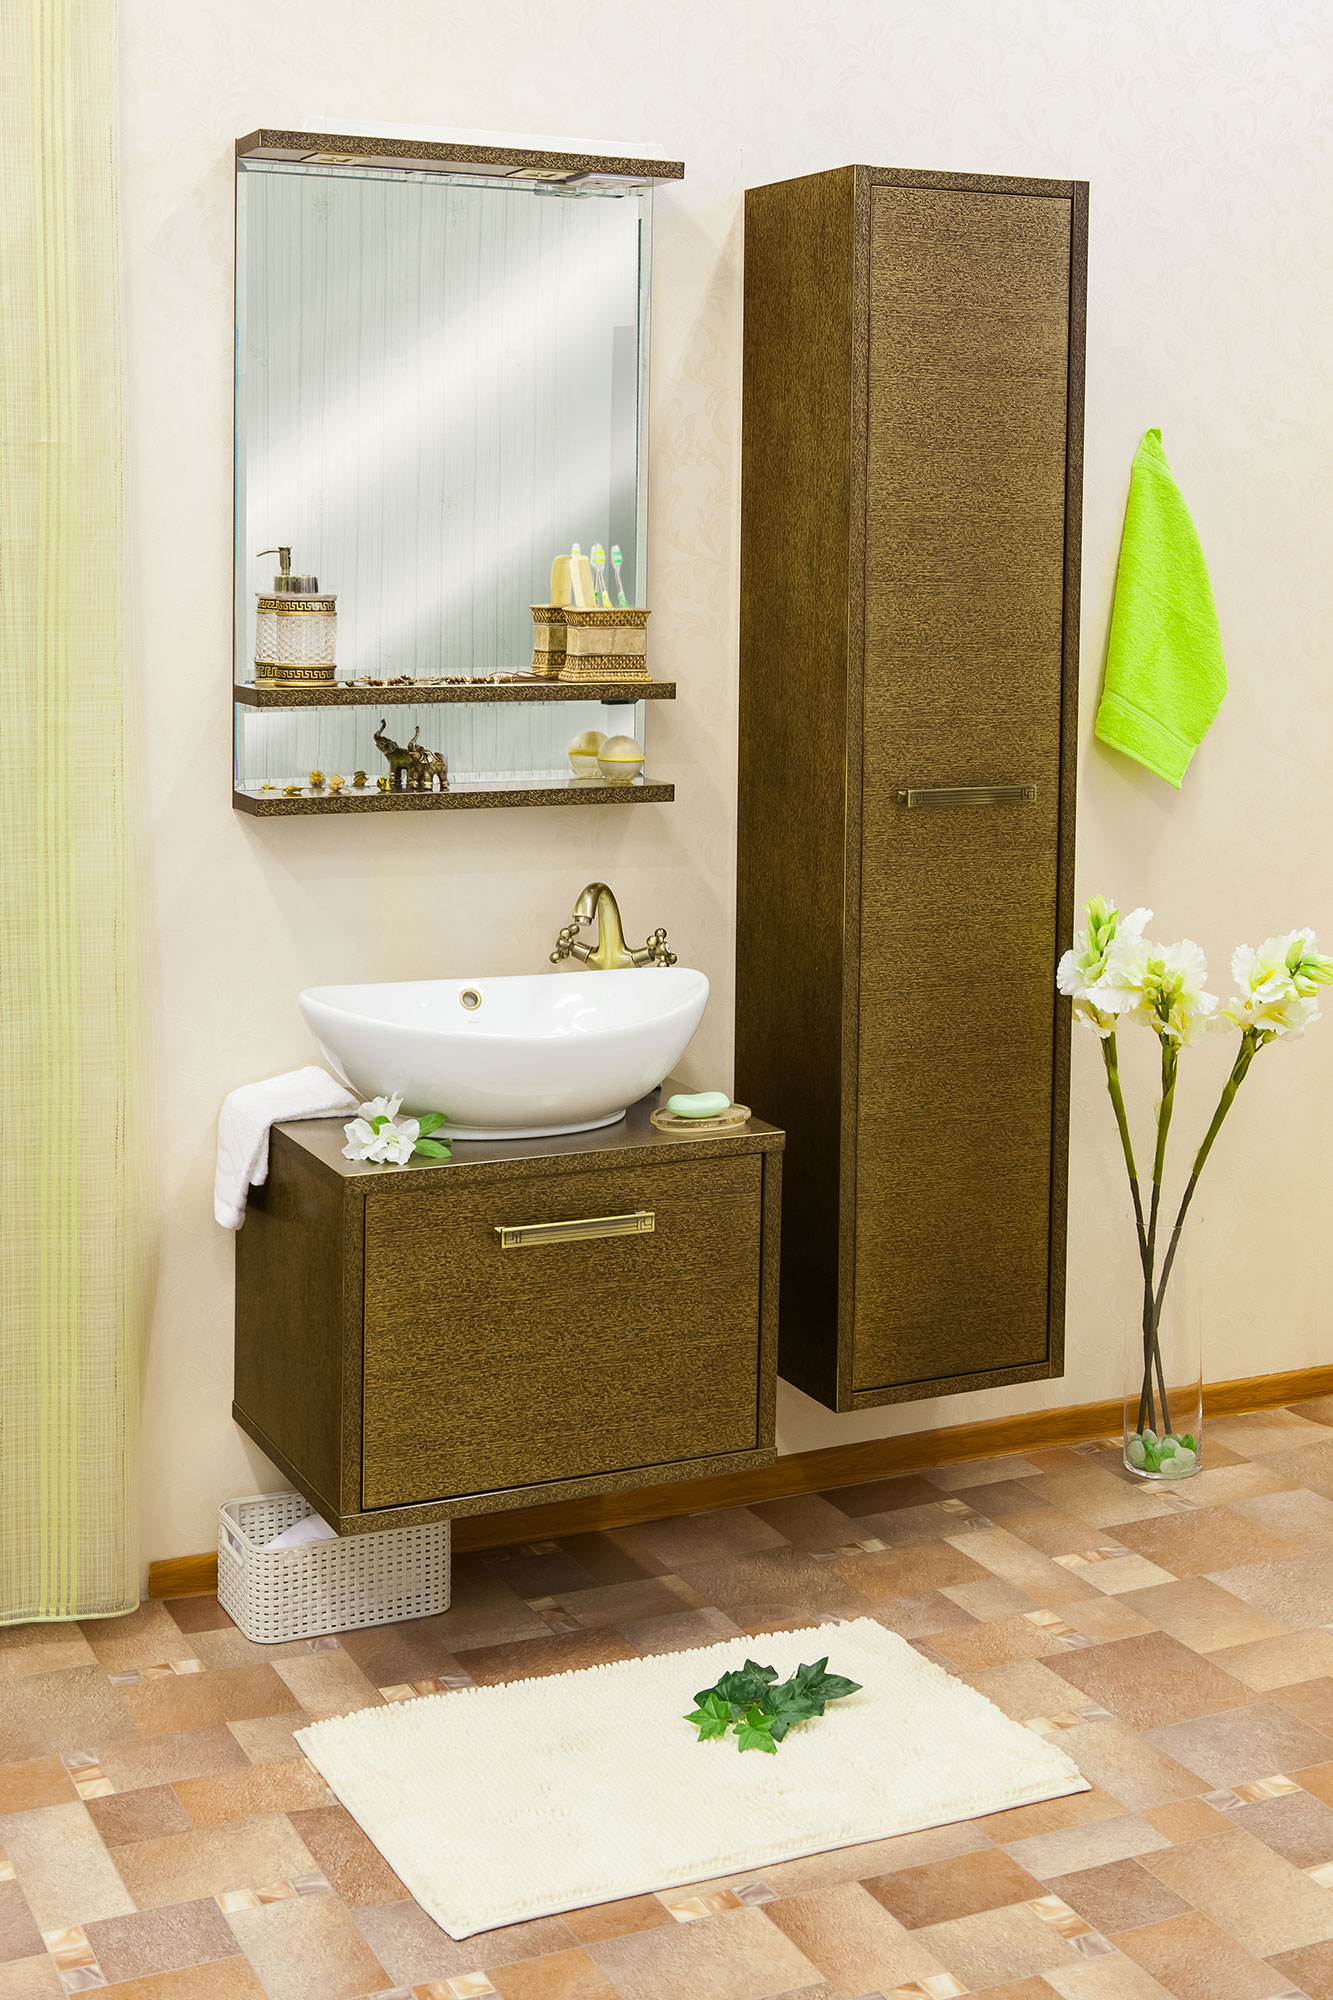 Сбор заказов. Для ванных комнат: тумбы, умывальники, пеналы, полупеналы, зеркала. 3D-фрезерование, патинирование, экологически чистые материалы. Мебель, которую выгодно покупать - 40